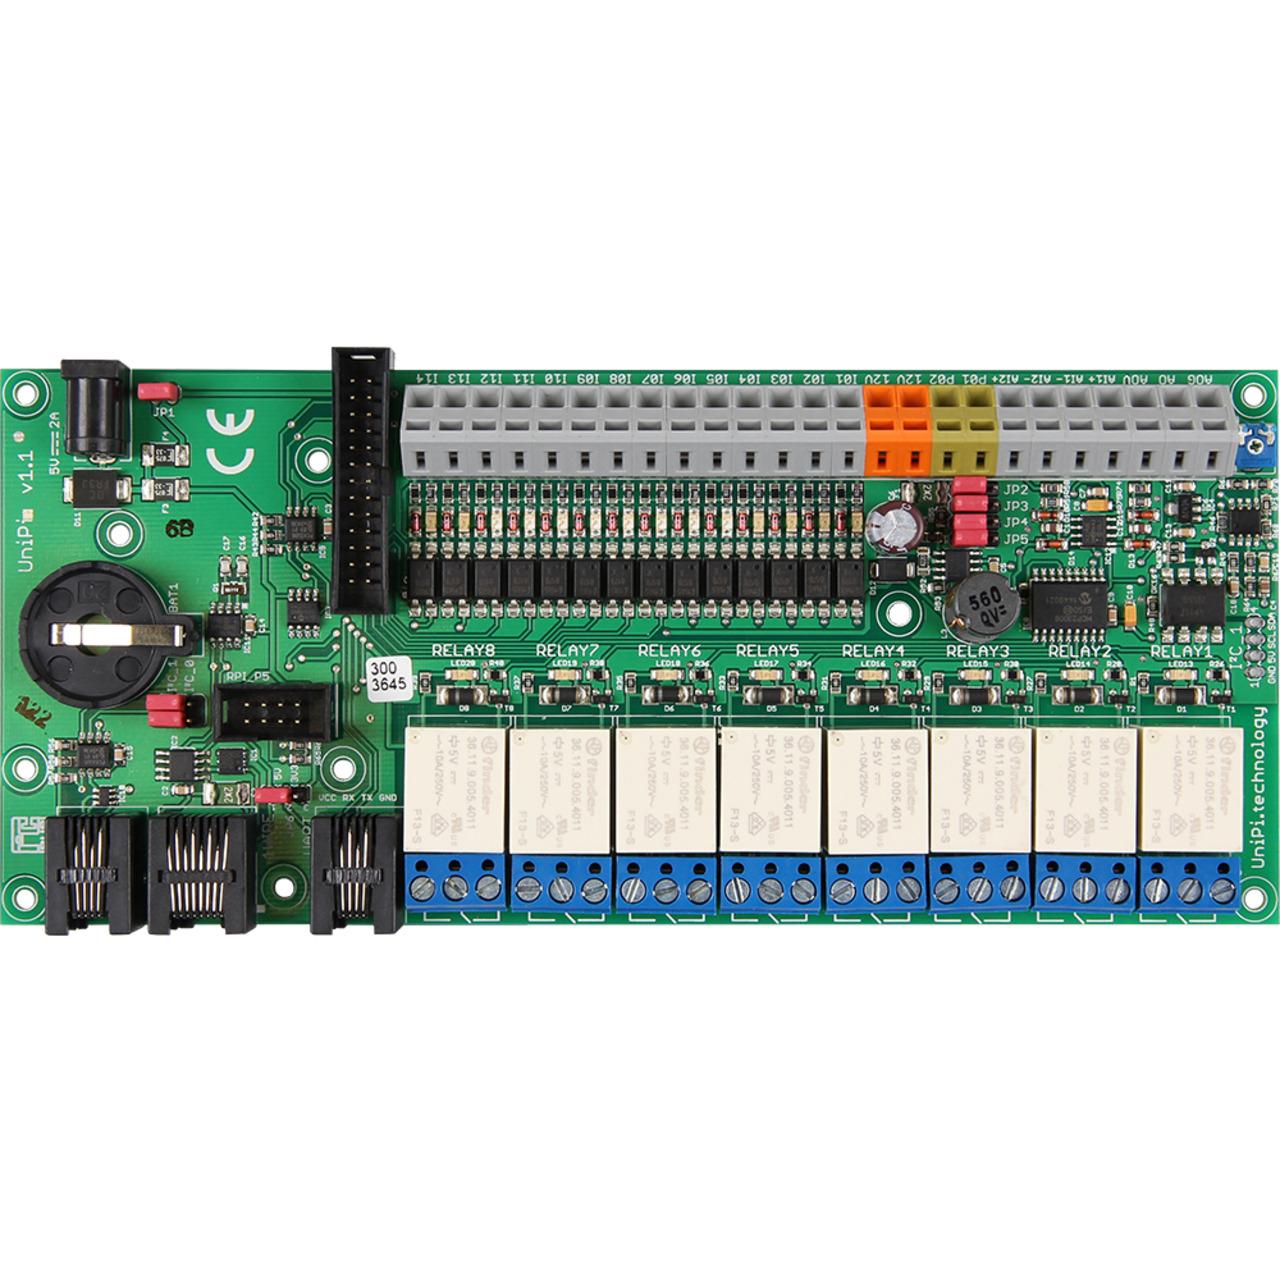 Steuerungsmodul UniPi für Raspberry Pi